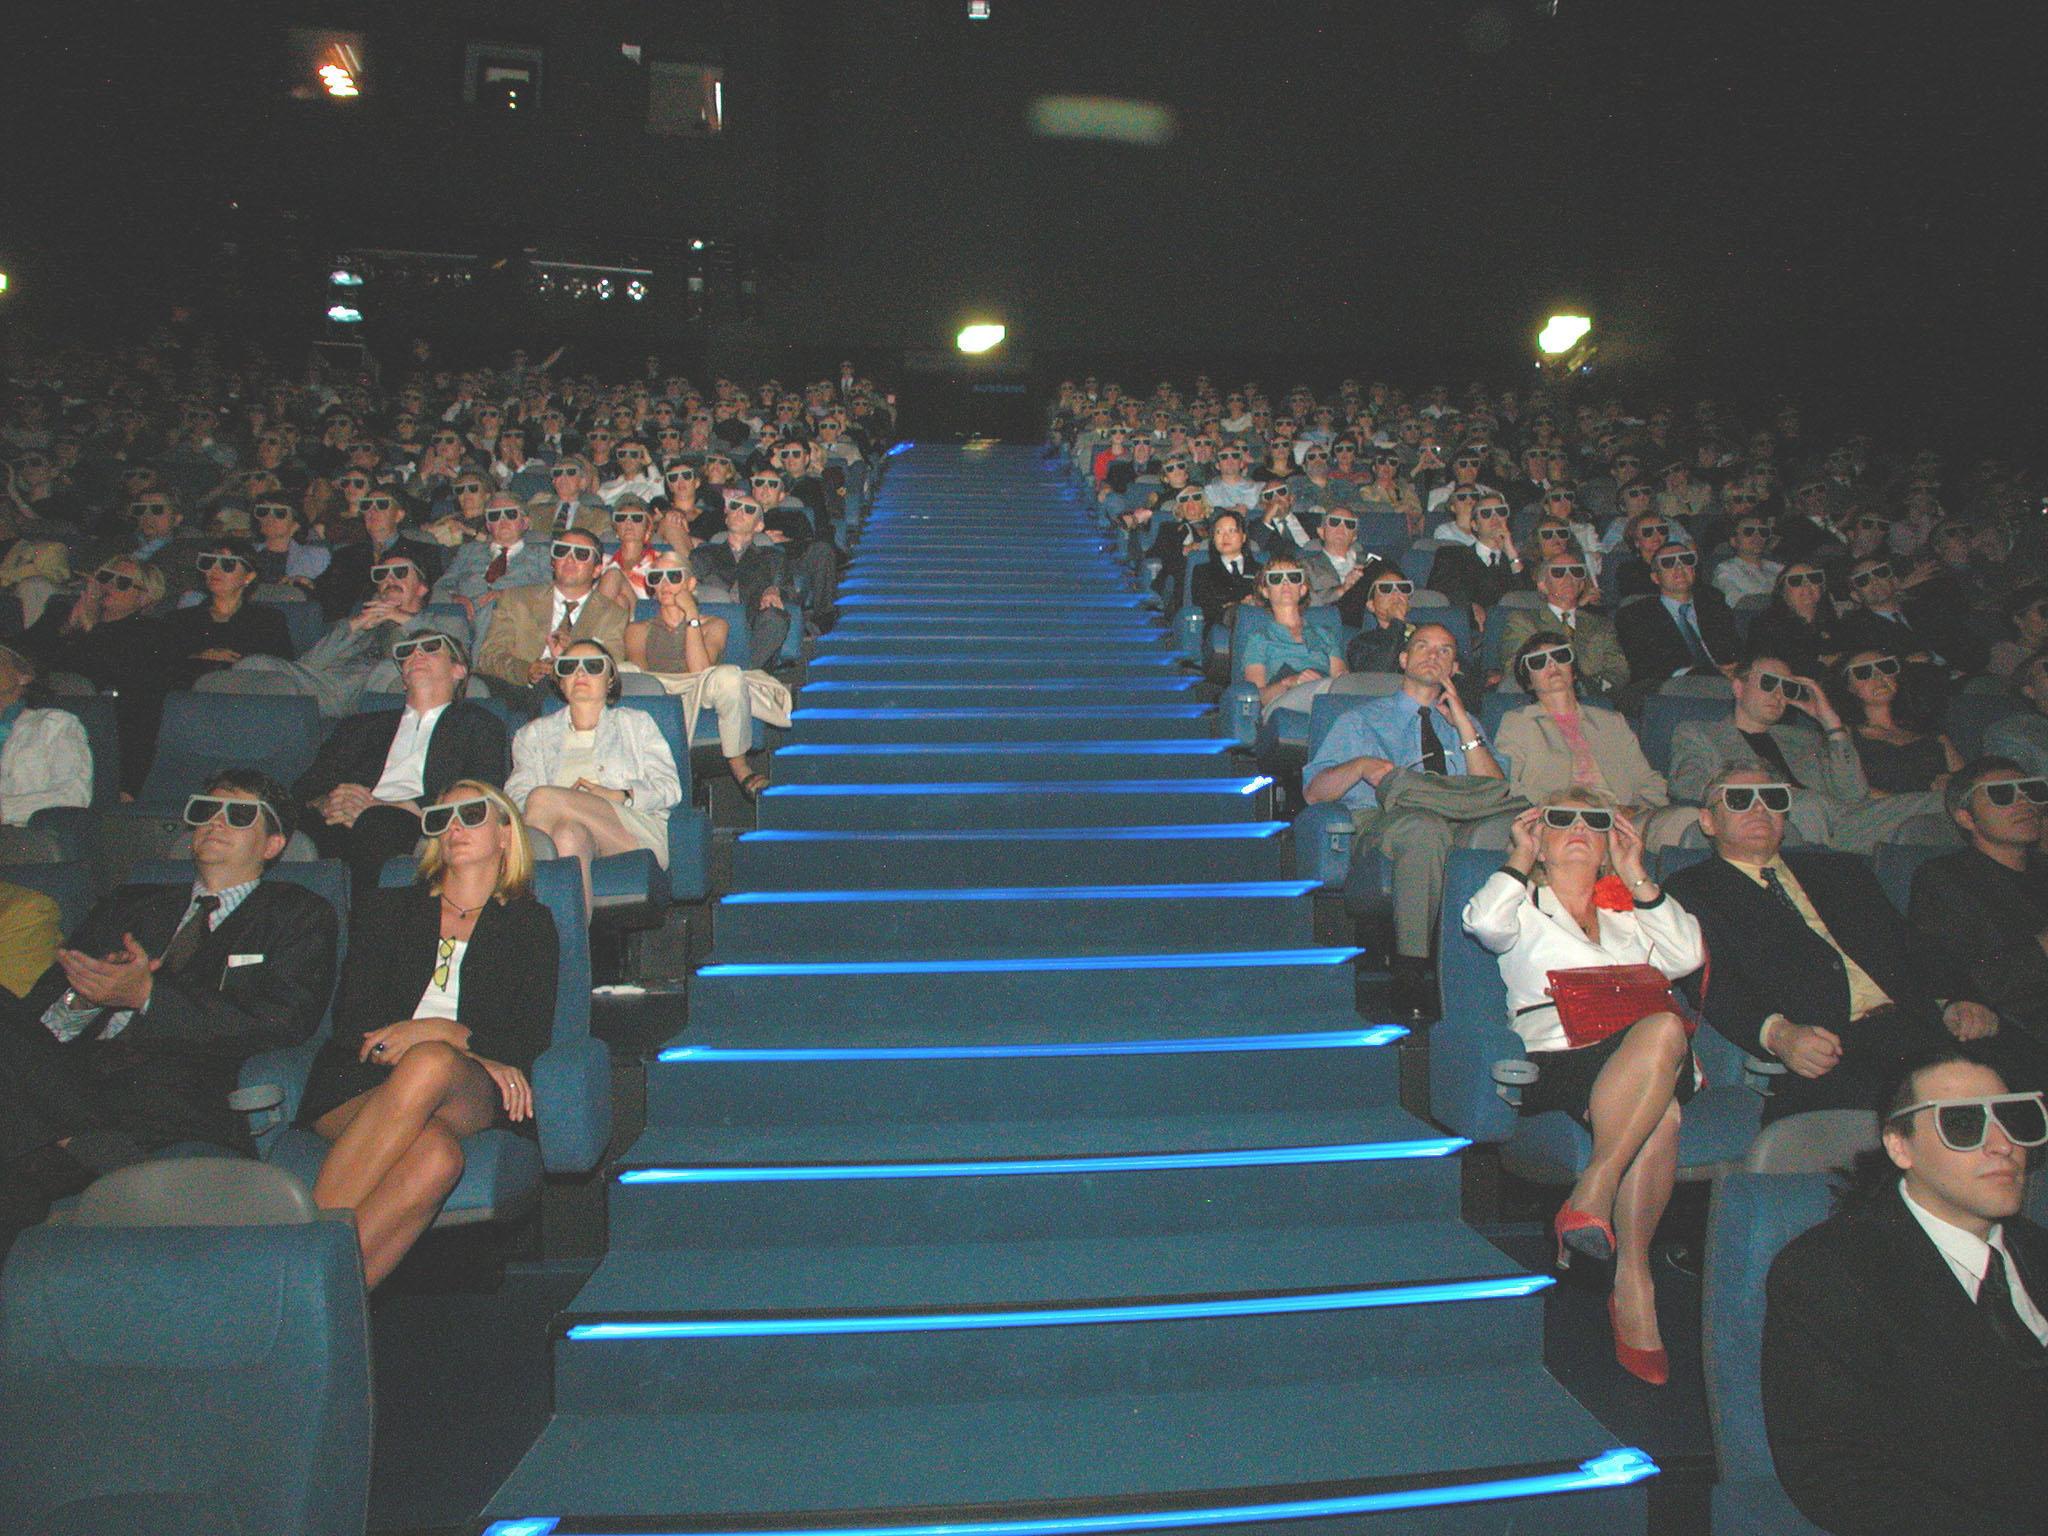 Bild zu OTS - Eine Leinwand so hoch wie ein siebenstöckiges Haus: 21 x 29 Meter pures Filmerlebnis. Neue 3D Technologie, Multimedialobby und 24.000 Watt starker Sound haben das IMAX-Publikum begeistert: Nach nur einer Woche haben sich schon 25.000 Besucher die neuen Filme im IMAX Wien angesehen.